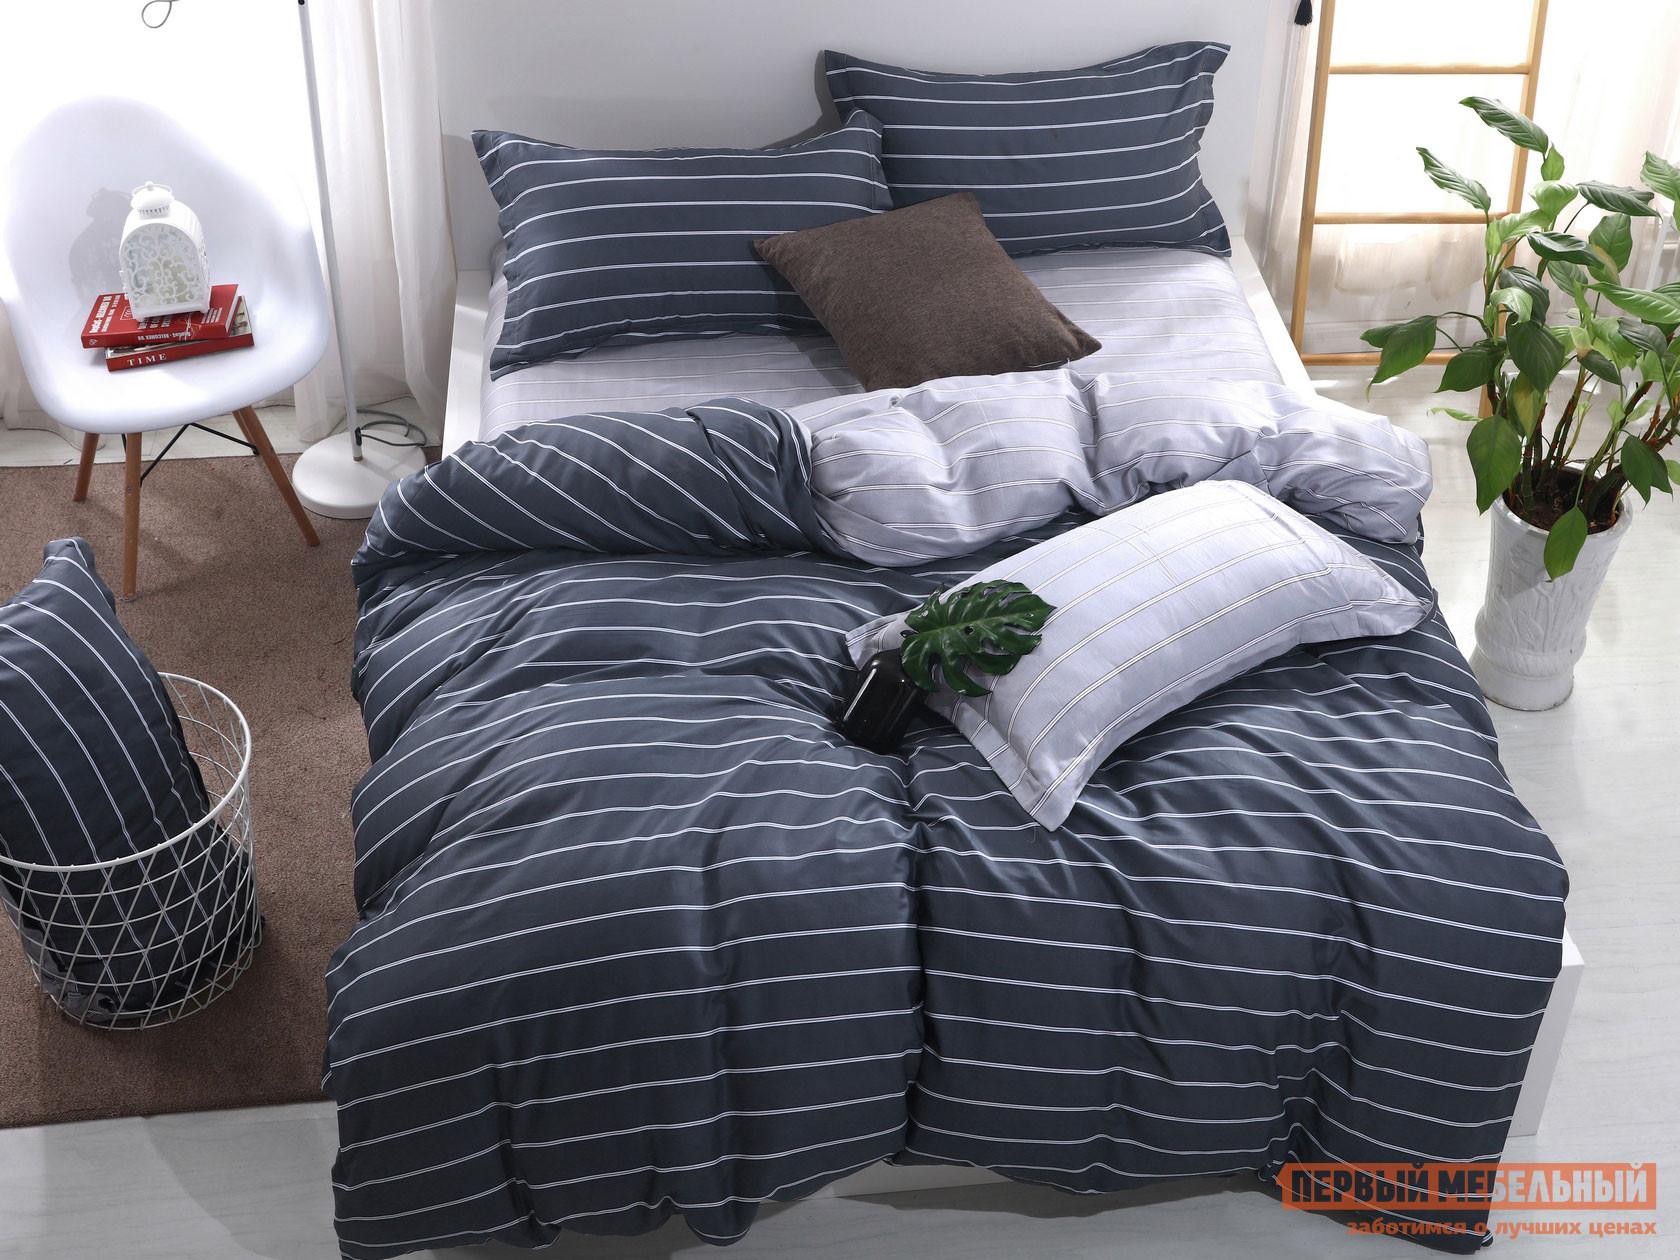 Фото - Комплект постельного белья Первый Мебельный КПБ Сатин-С48 комплект постельного белья первый мебельный кпб сатин с45